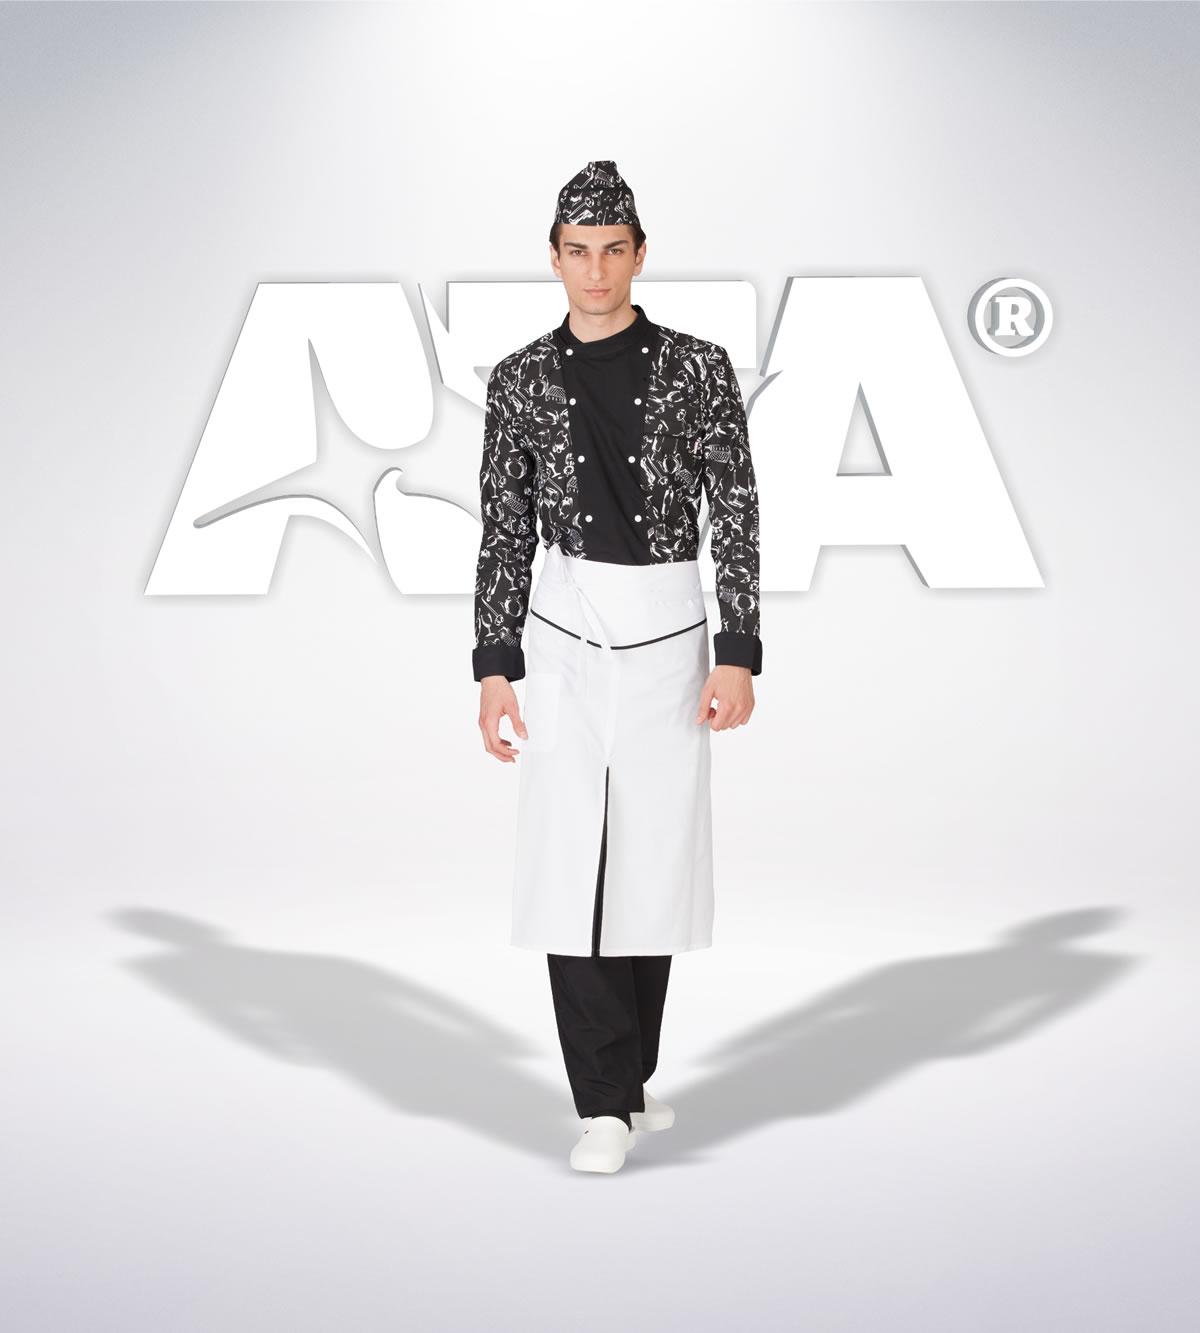 ATA 416 - iş elbiseleri | iş üniformaları | iş kıyafetleri